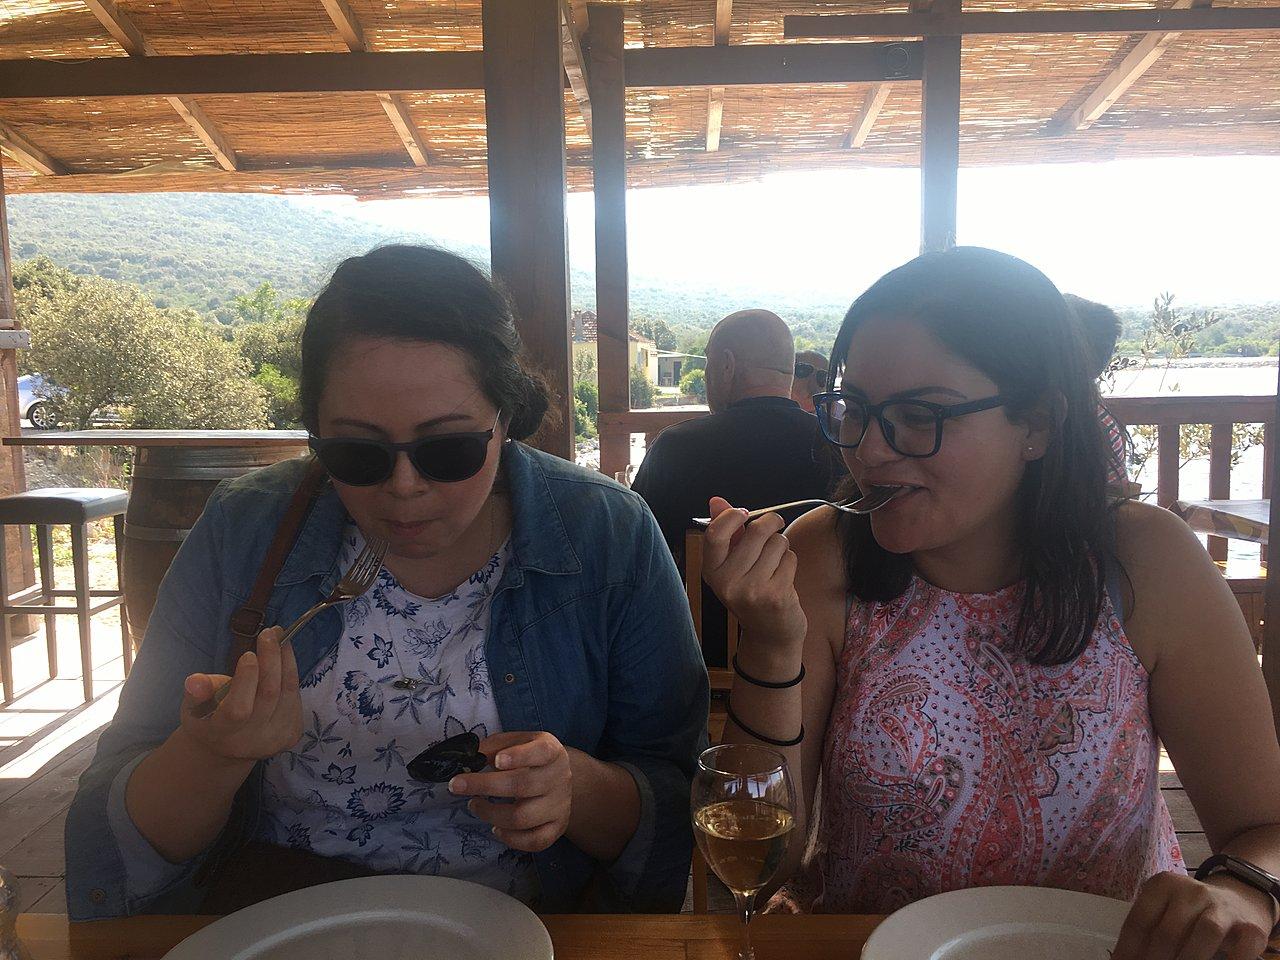 mussels! | Photo taken by Emilia S